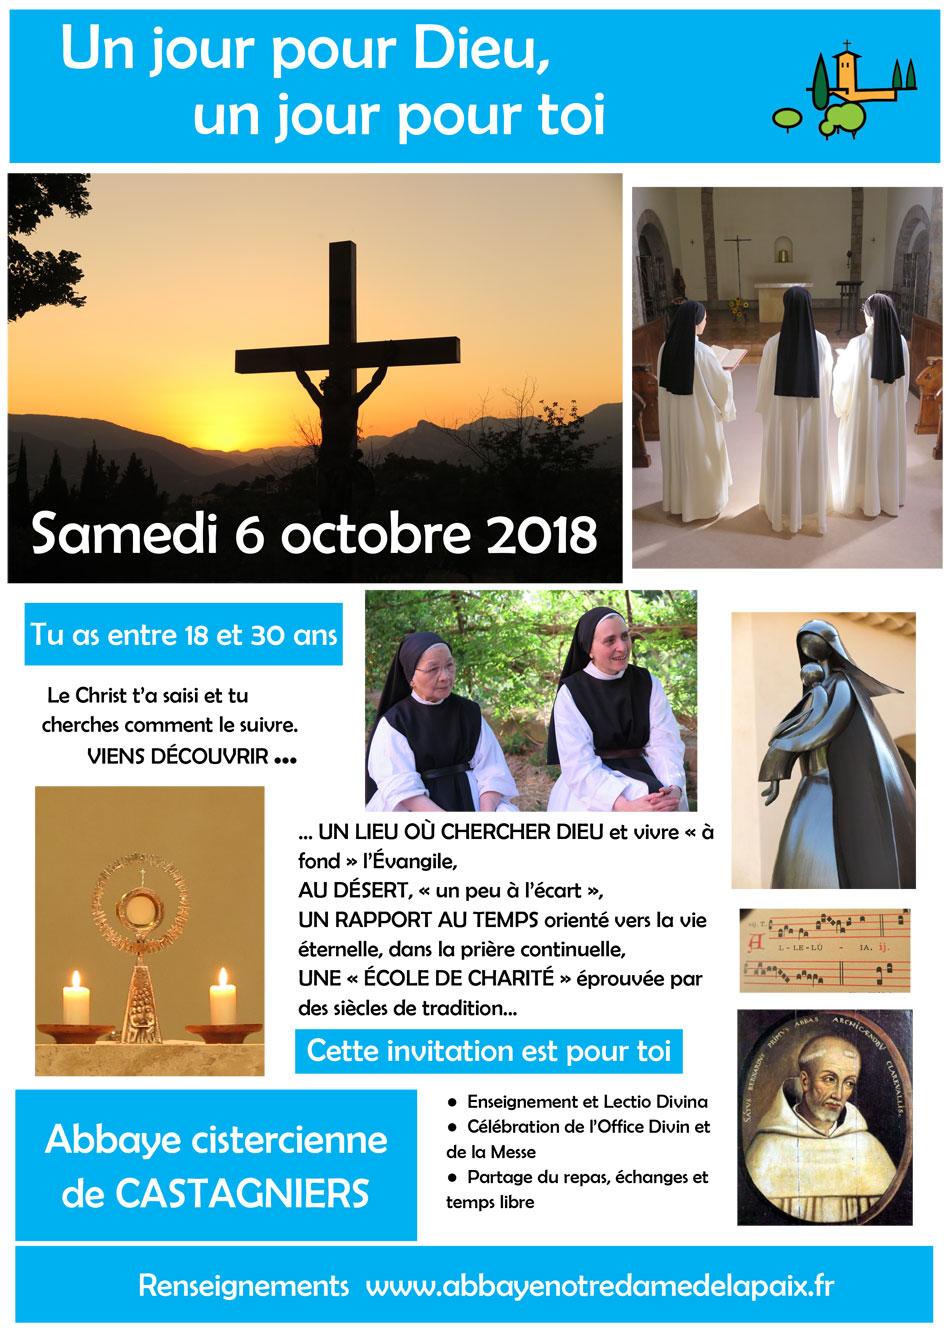 6-octobre-2018-CASTAGNIERS-950